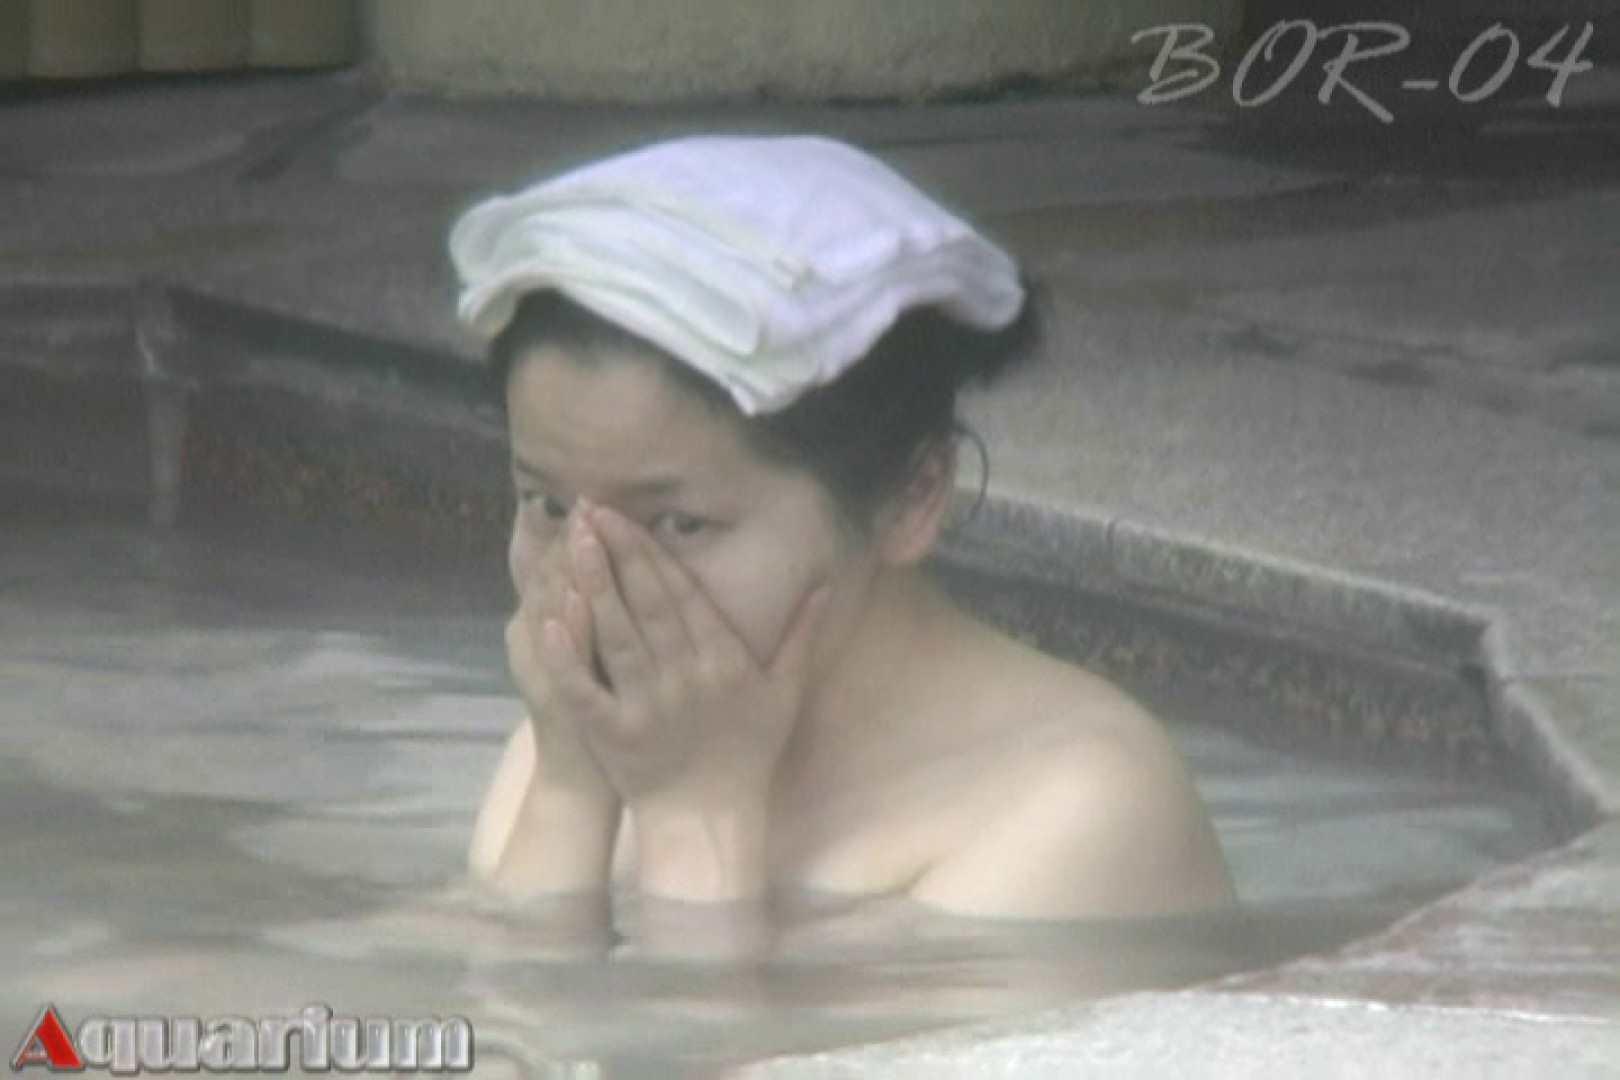 Aquaな露天風呂Vol.506 OLのエロ生活  99連発 30